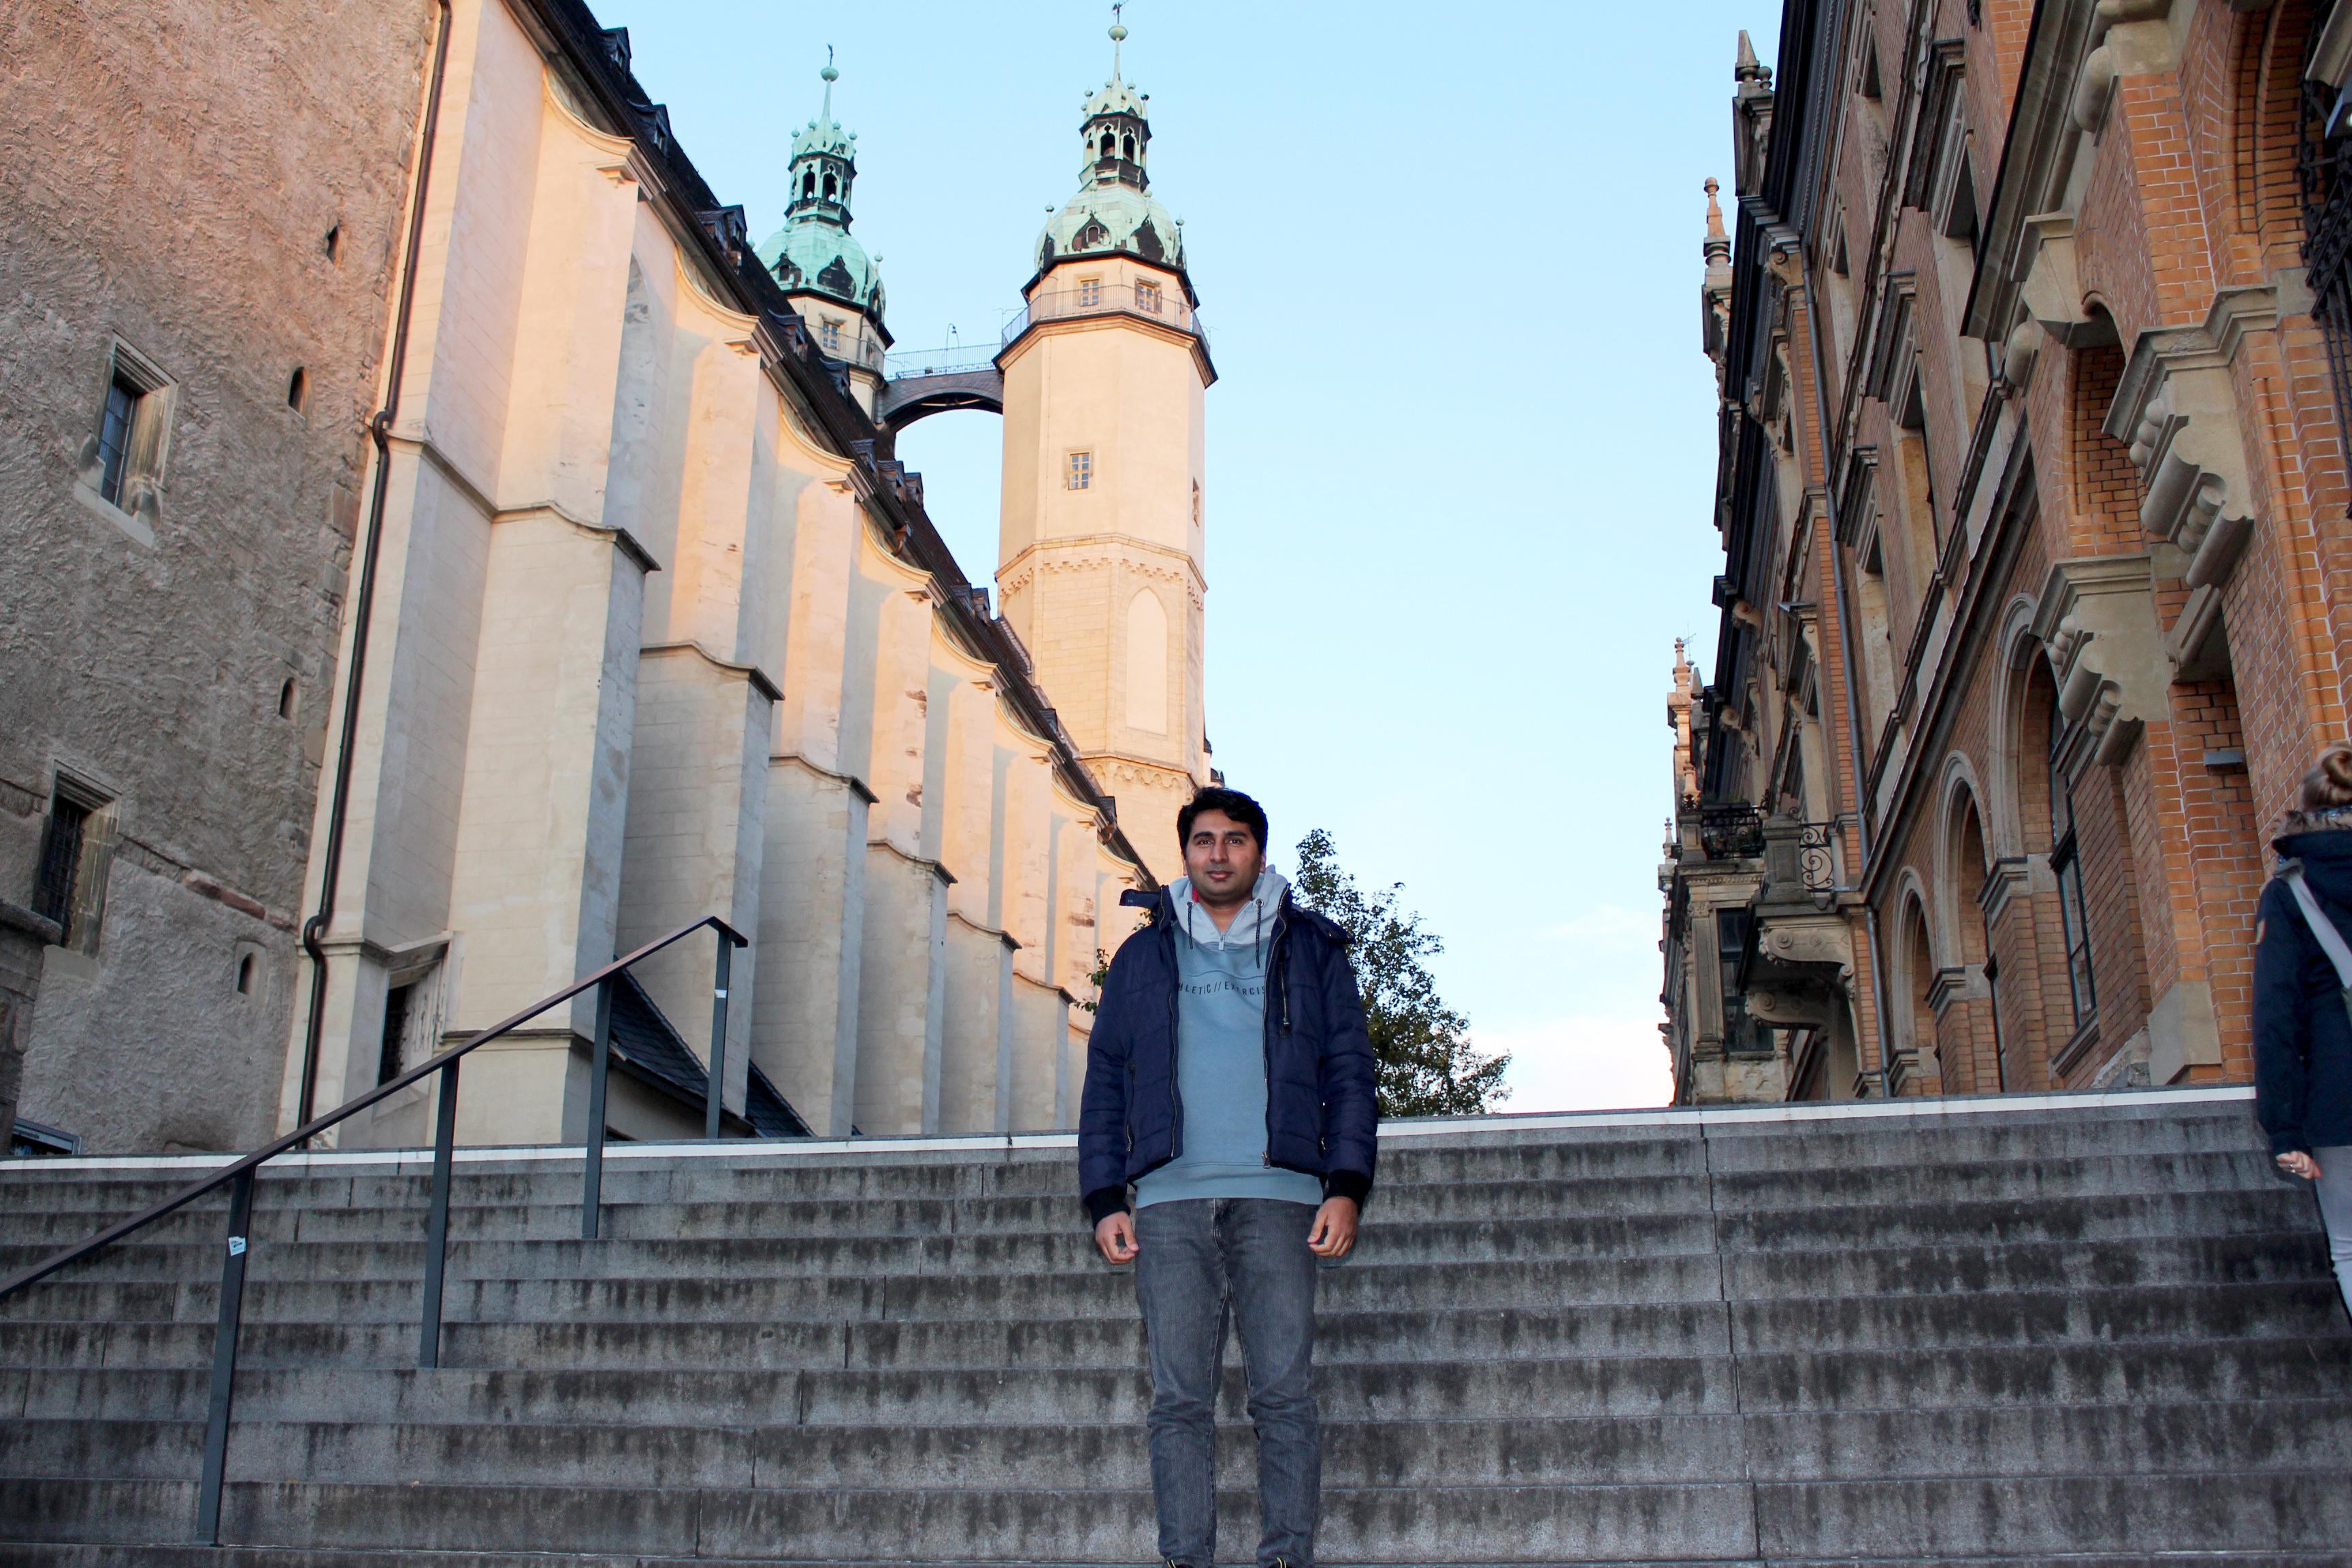 Ein Mann steht auf einer Treppe, hinter ihm eine Kirche.